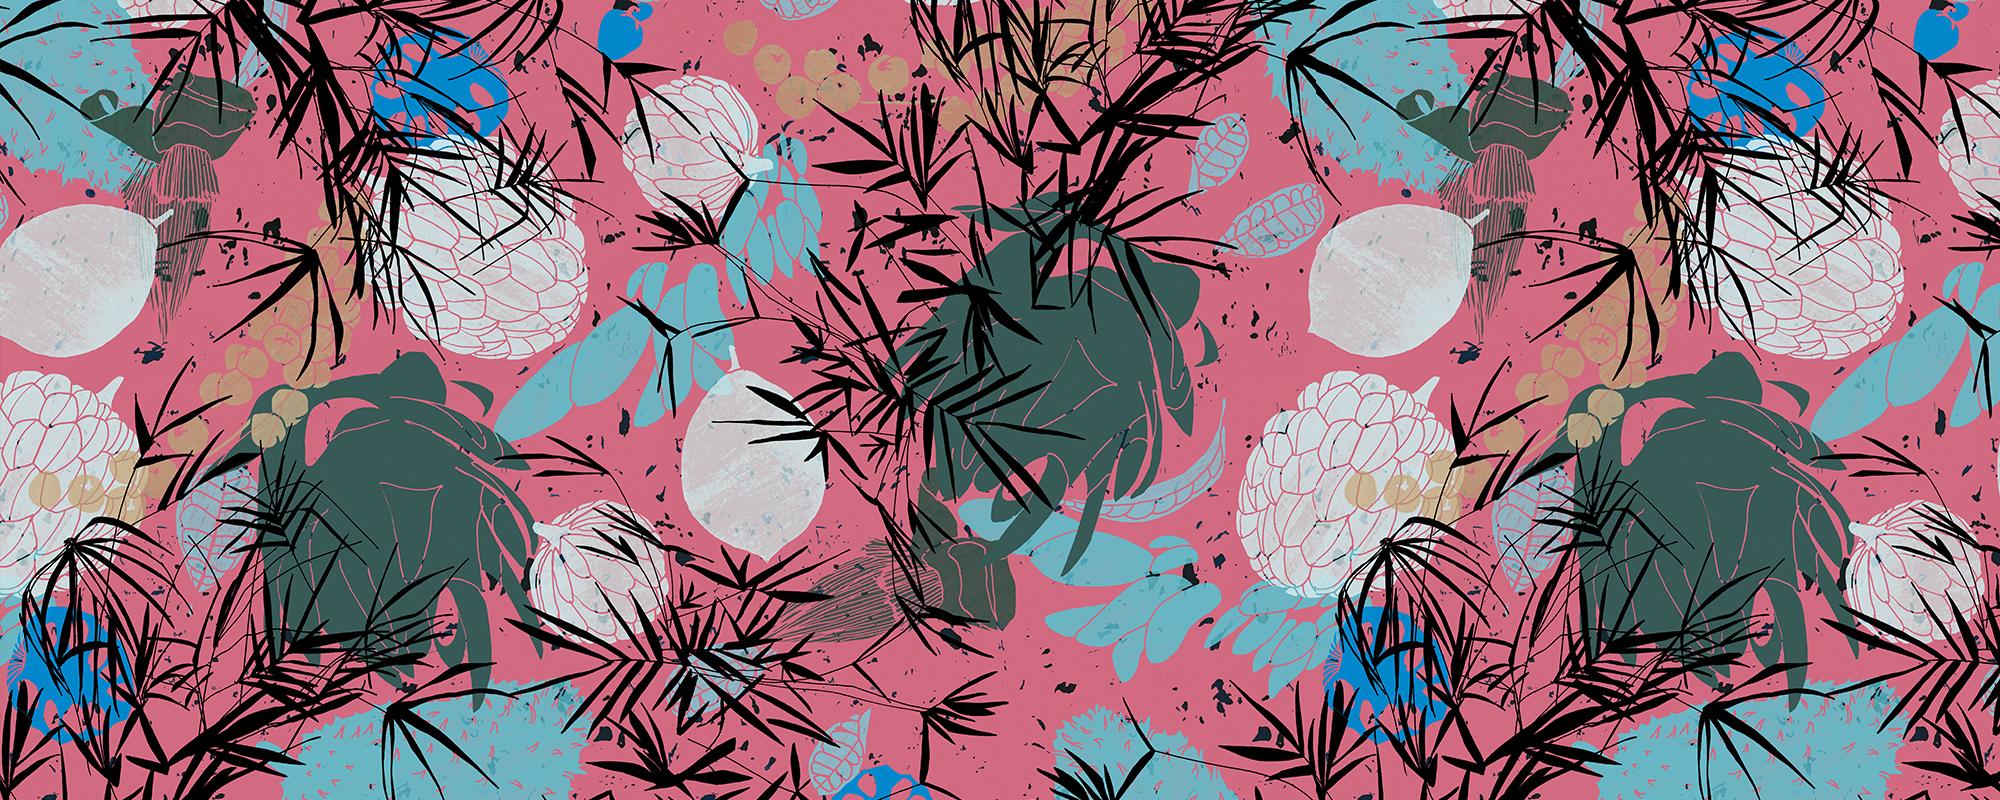 Papier peint rose et bleu tropical